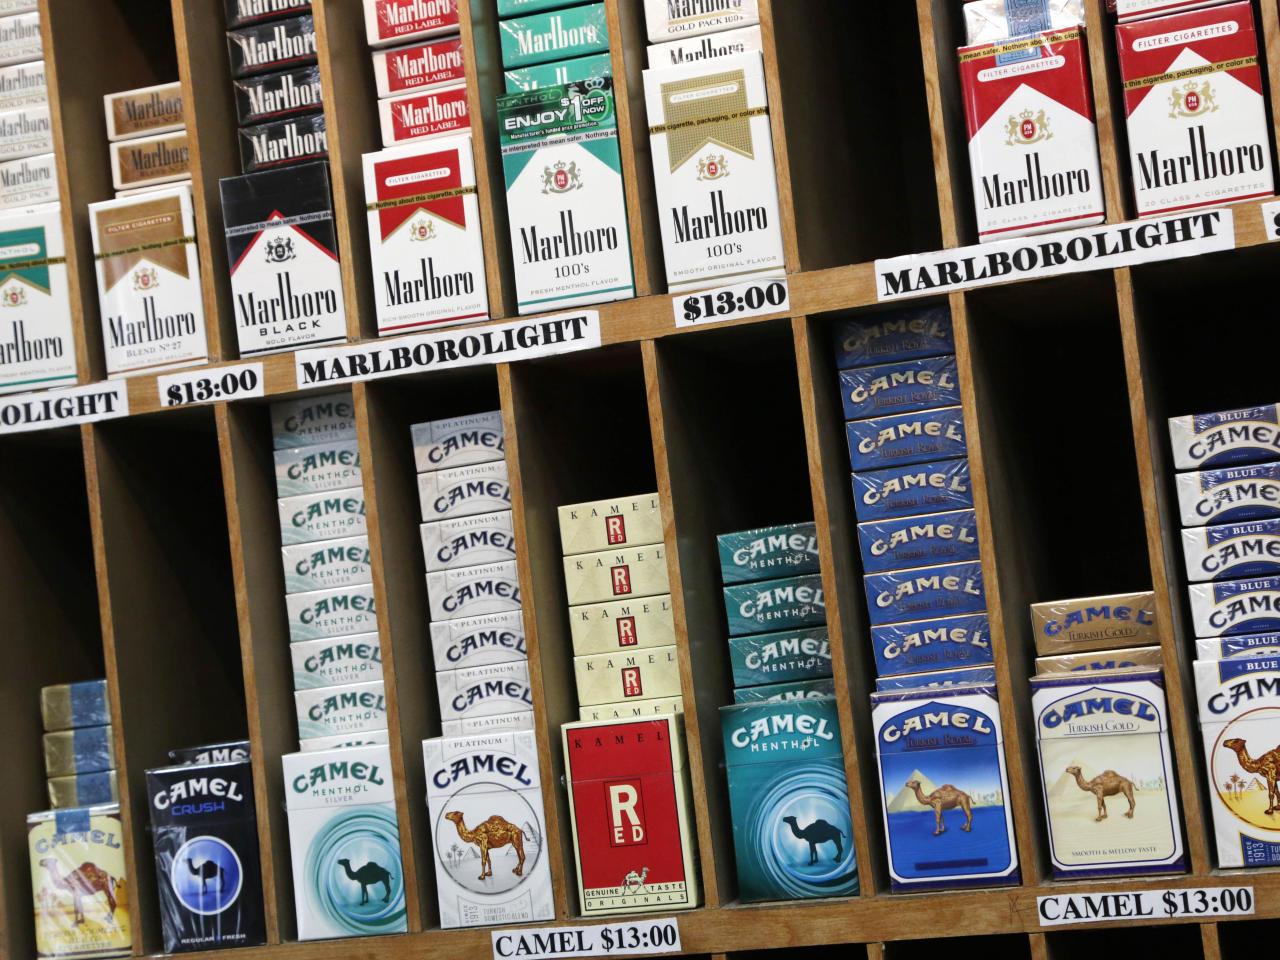 Управление по контролю качества продуктов и лекарств сша (fda) обязало табачные